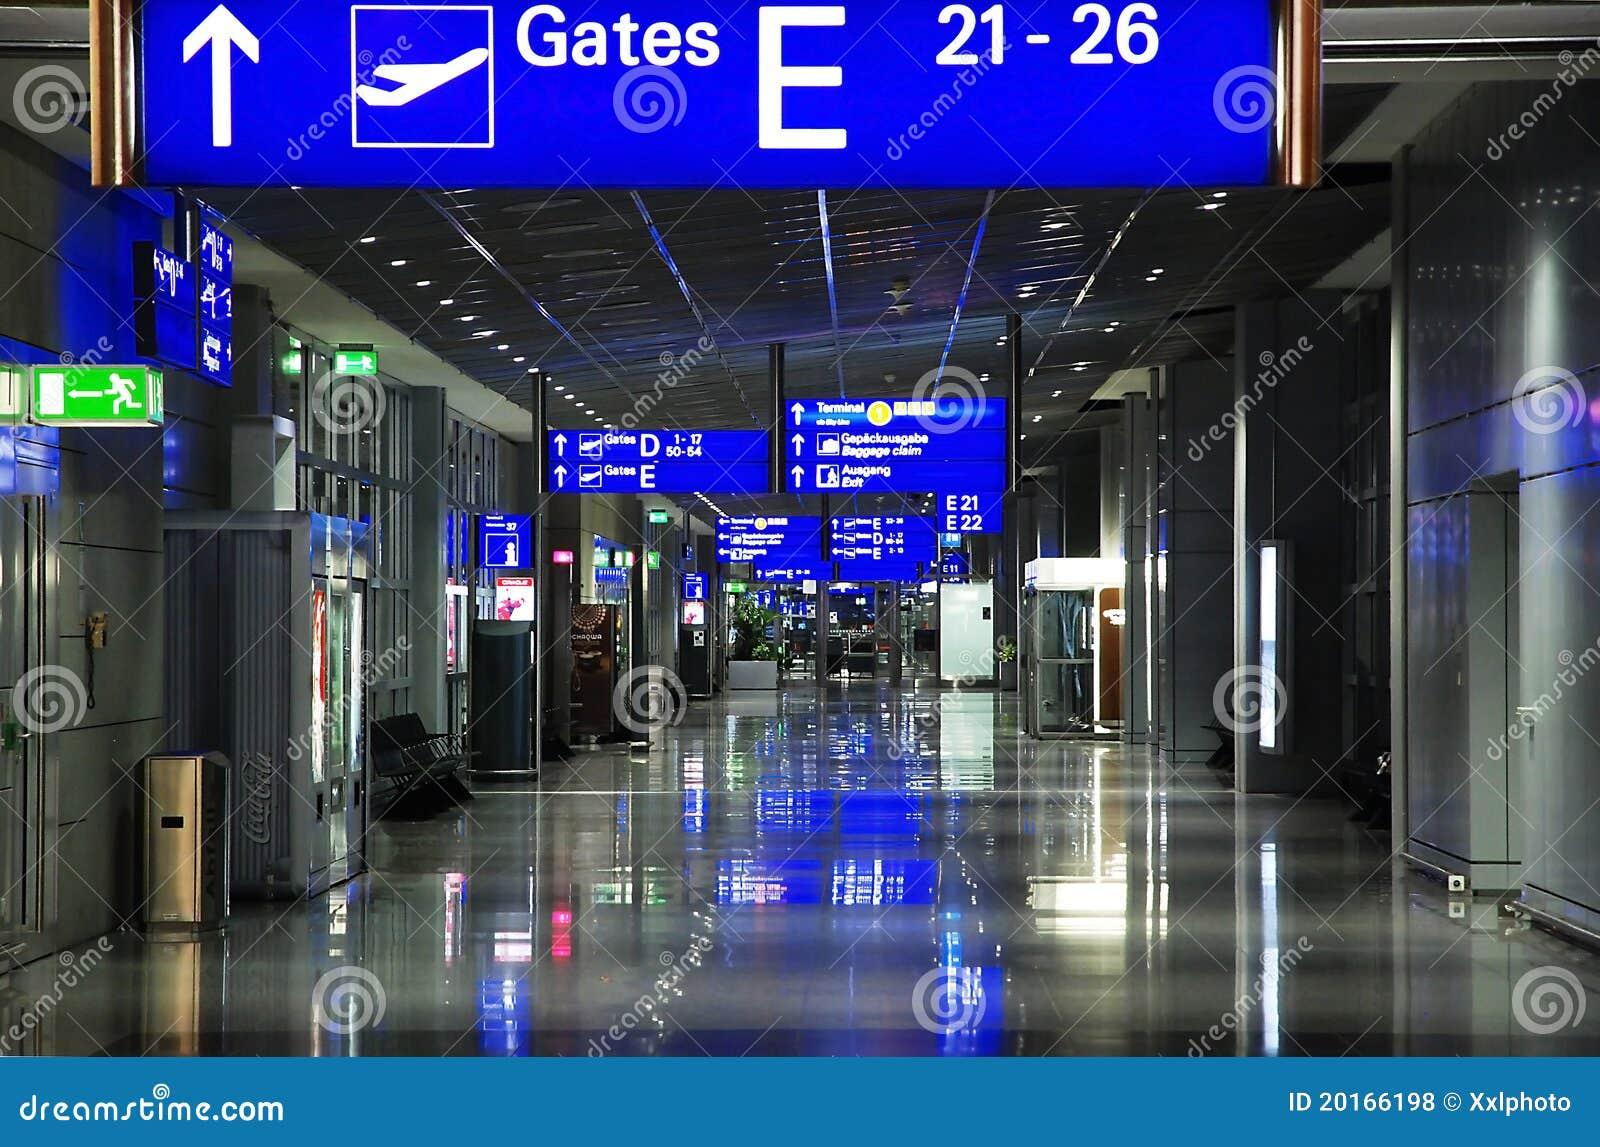 Aeroporto Germania : Aeroporto francoforte main germania fotografia stock